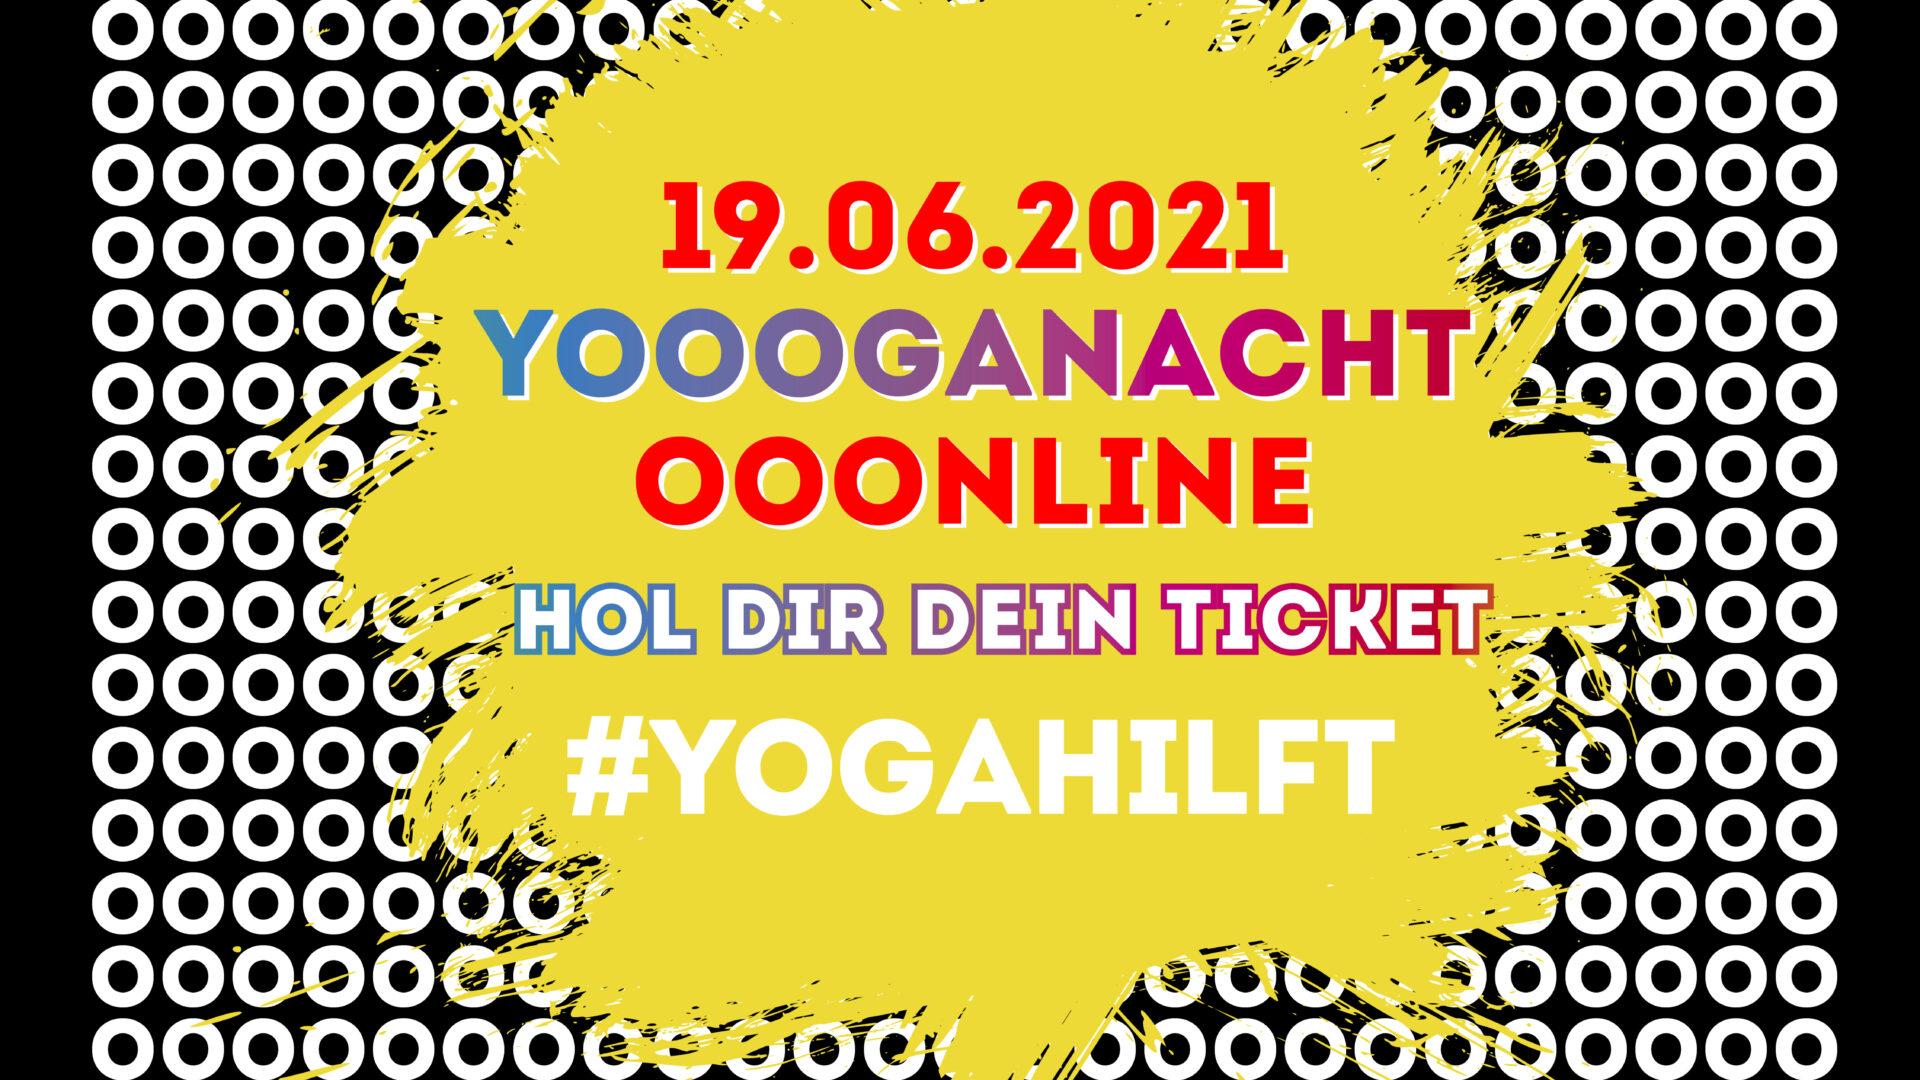 Sei dabei und unterstütze mit deinem Ticket soziales Yoga!